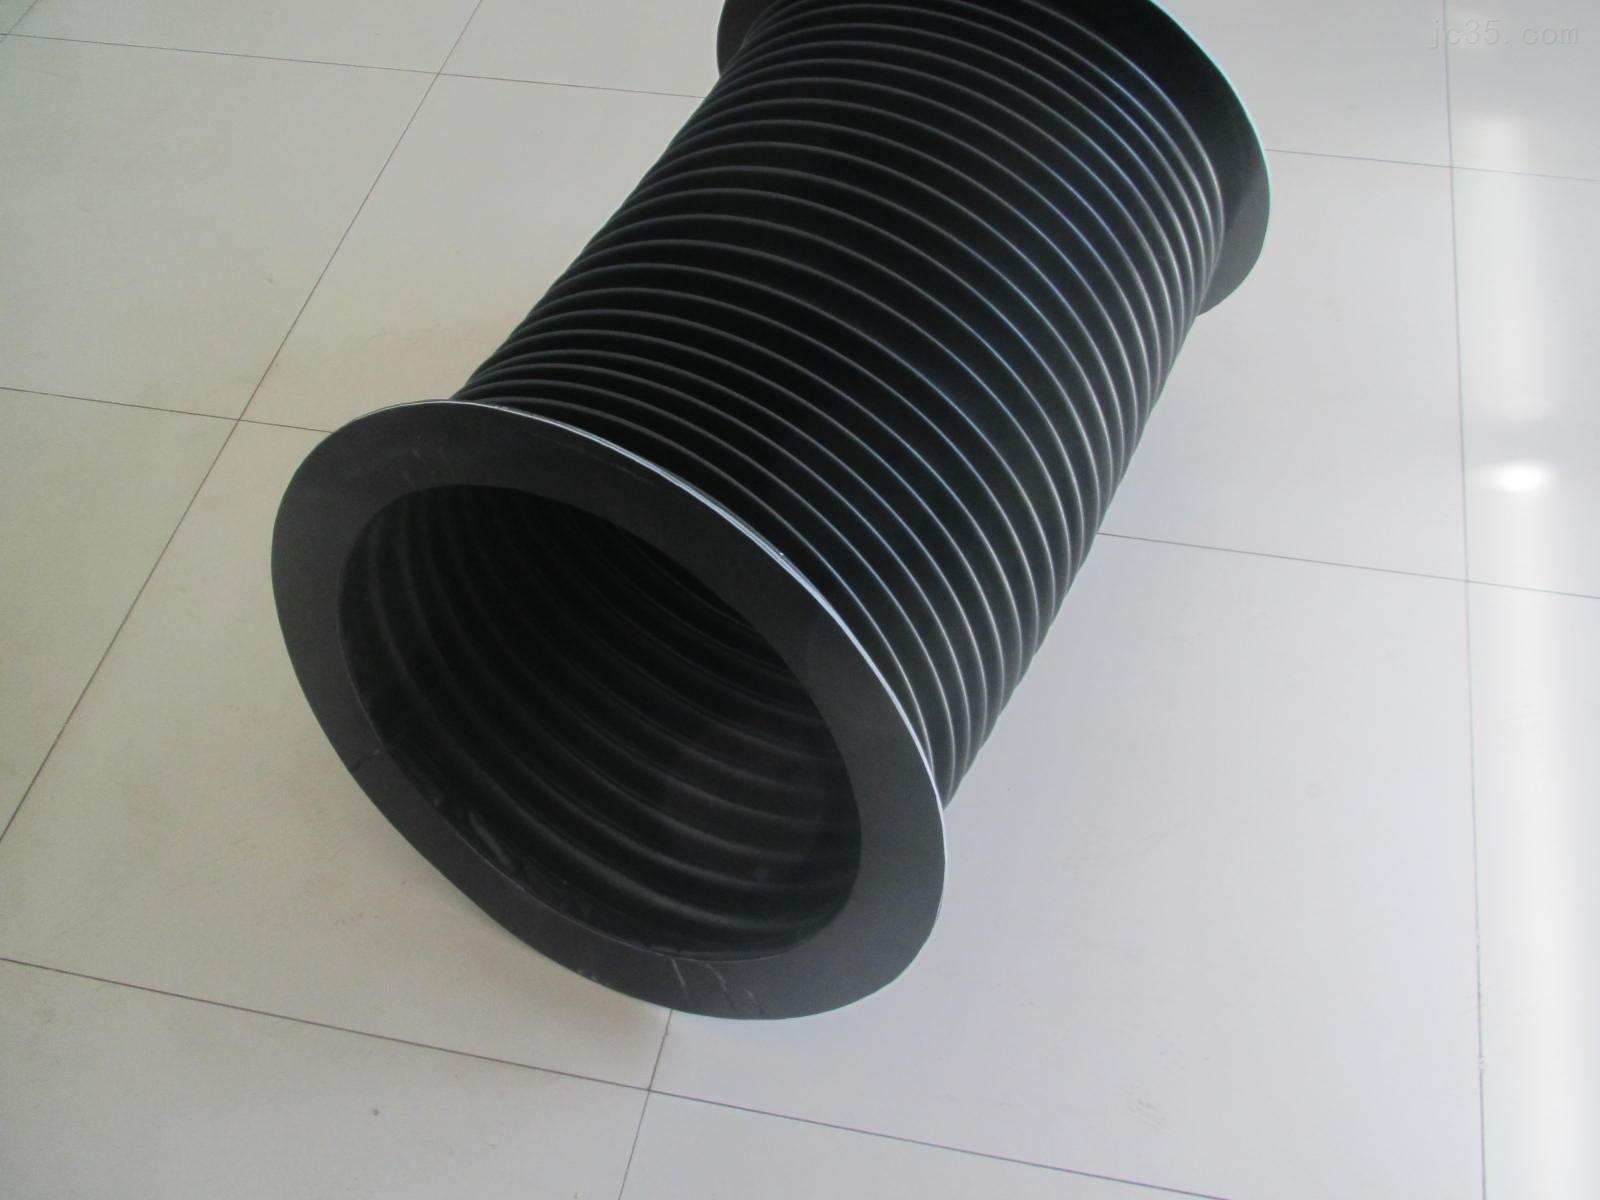 各种机床 机械专用圆形丝杠防尘套